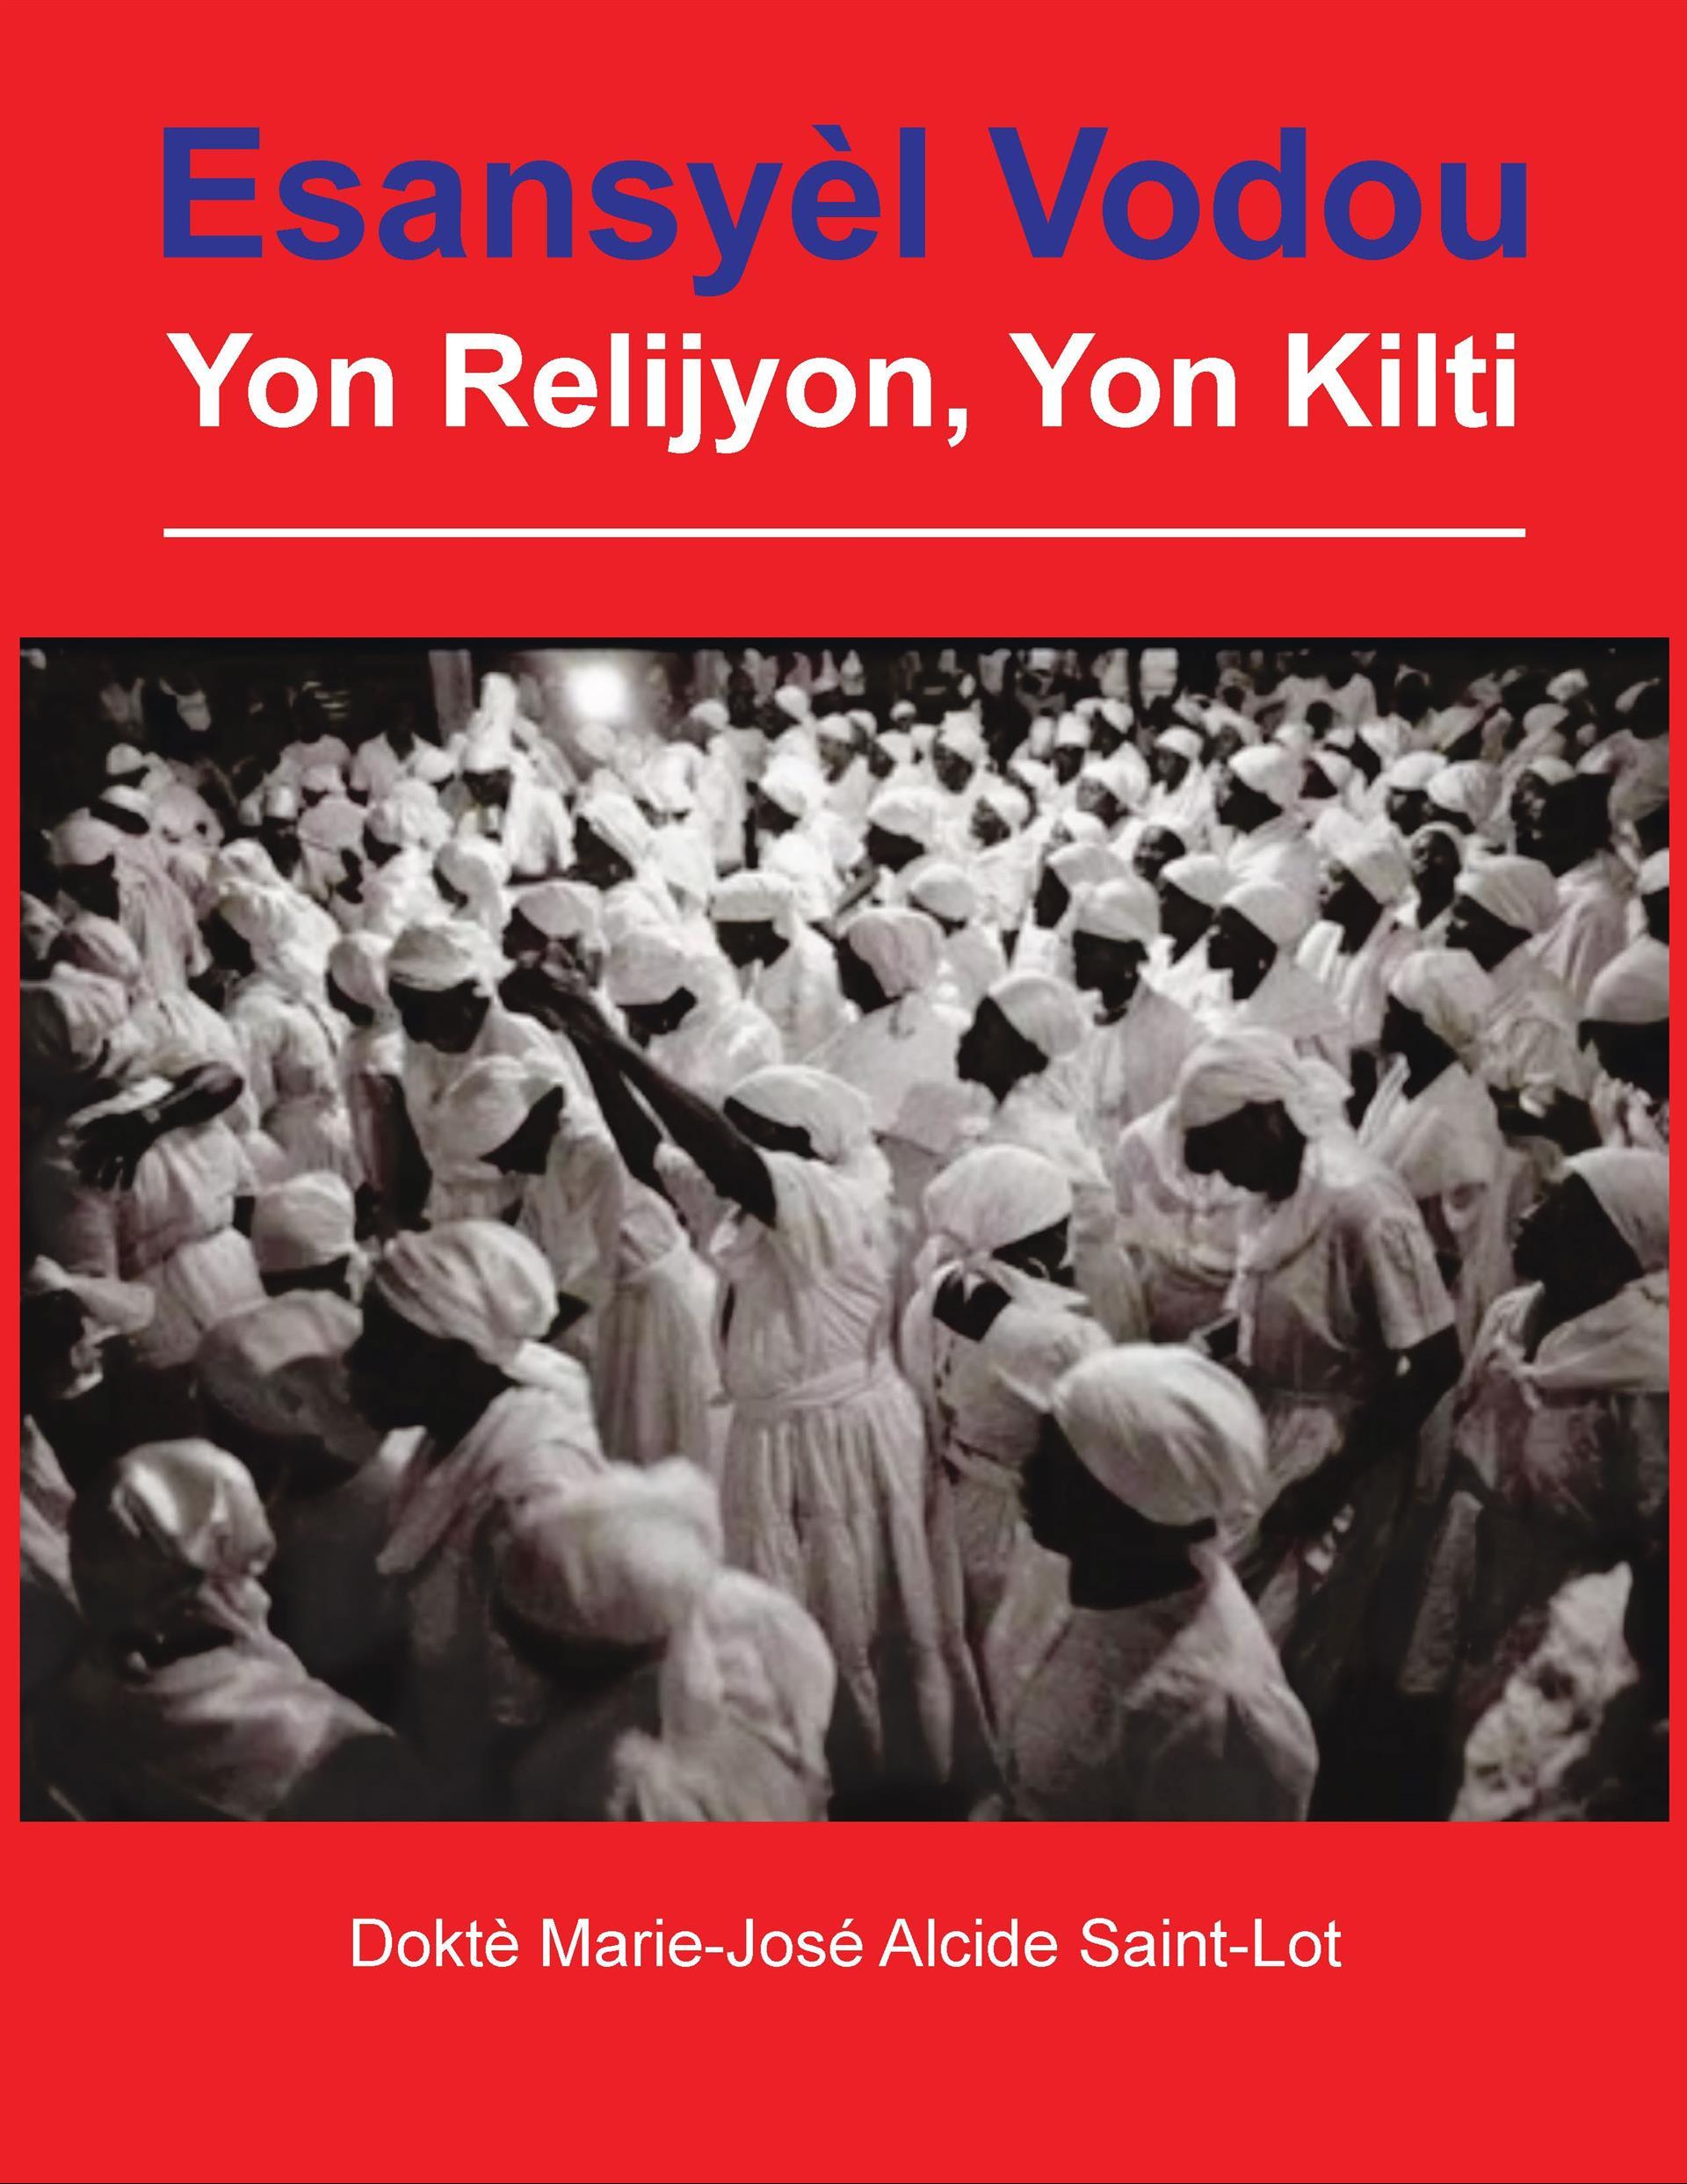 ESANSYÈL VODOU; Yon Relijyon, Yon Kilti